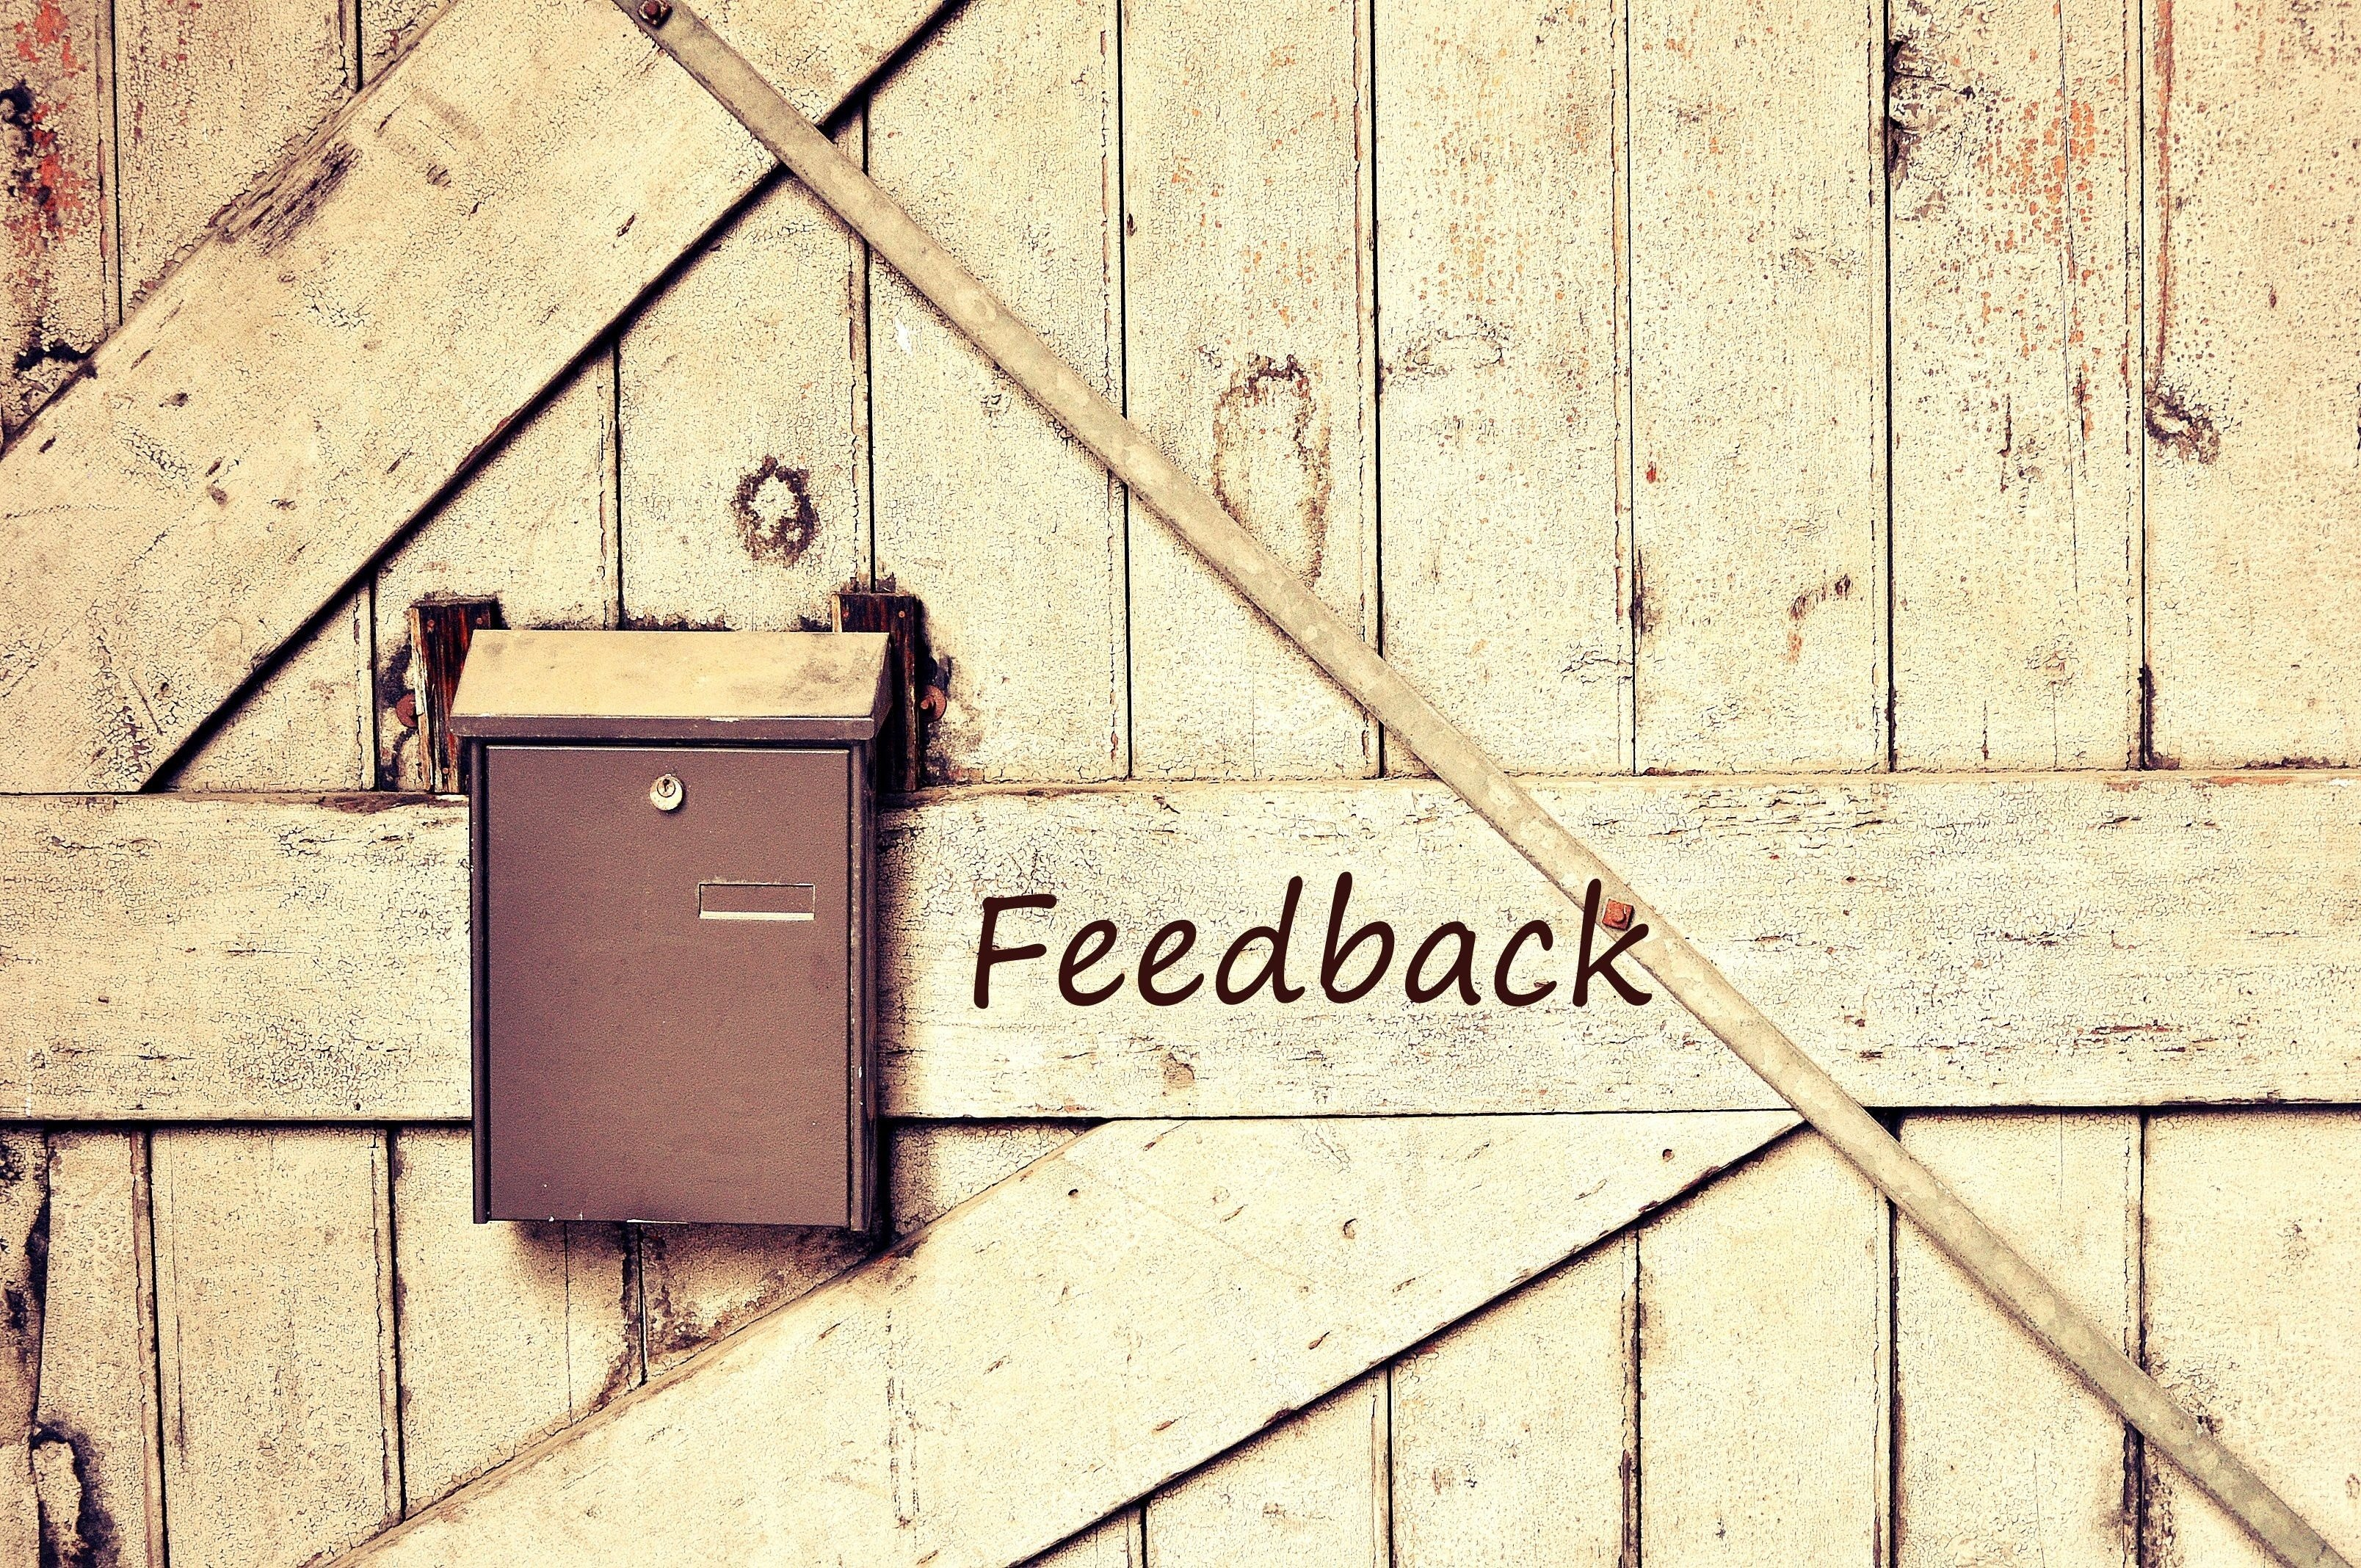 Recensioni negative Ecco come rispondere alle recensioni negative con stile (2)